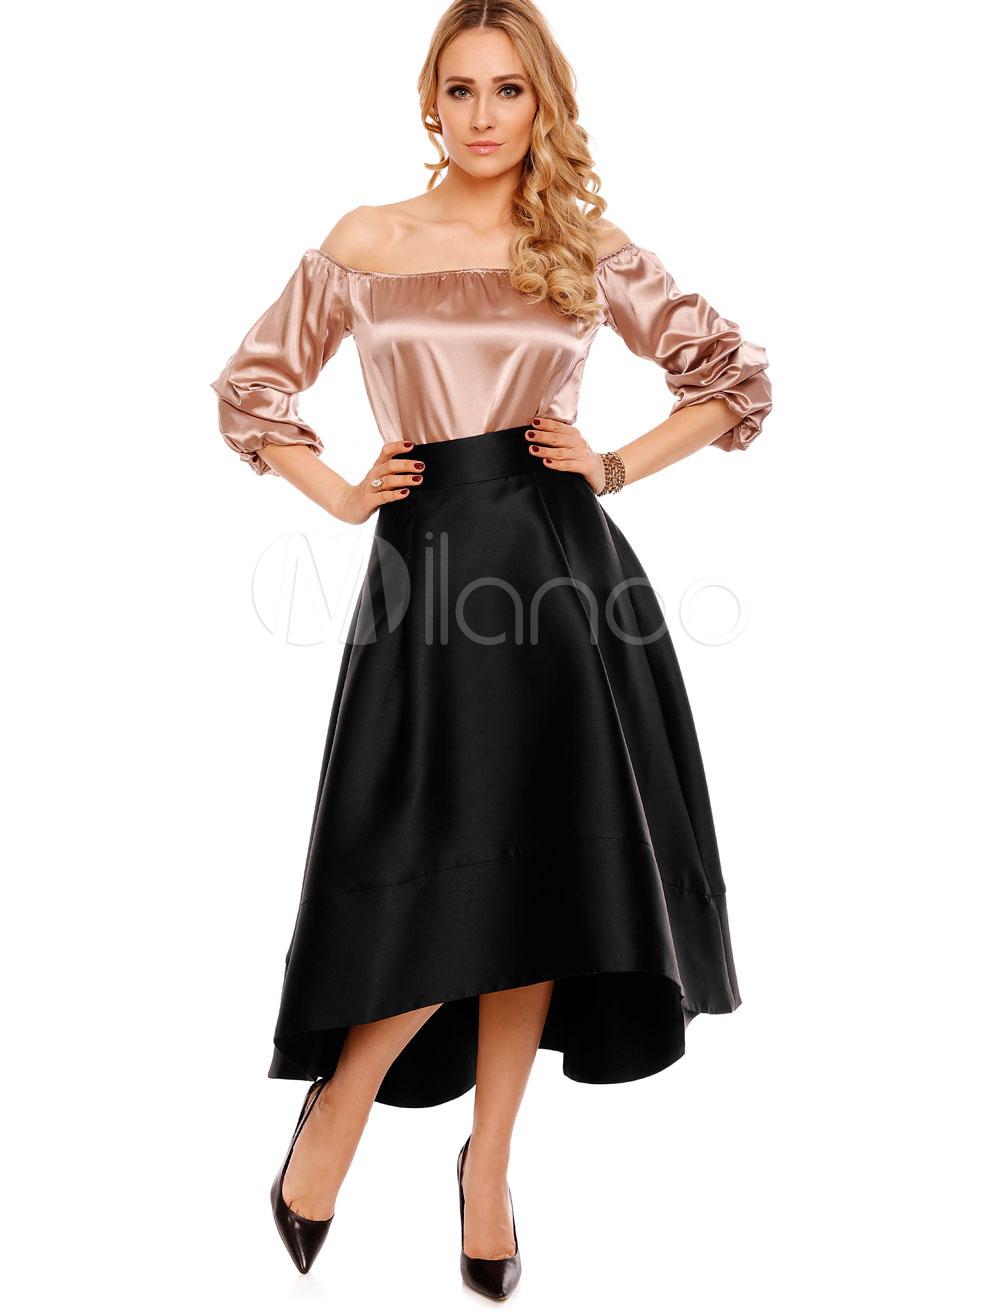 9b35ceb3cbe6 Black Vintage Skirt High Low Full Skirts For Women - Milanoo.com